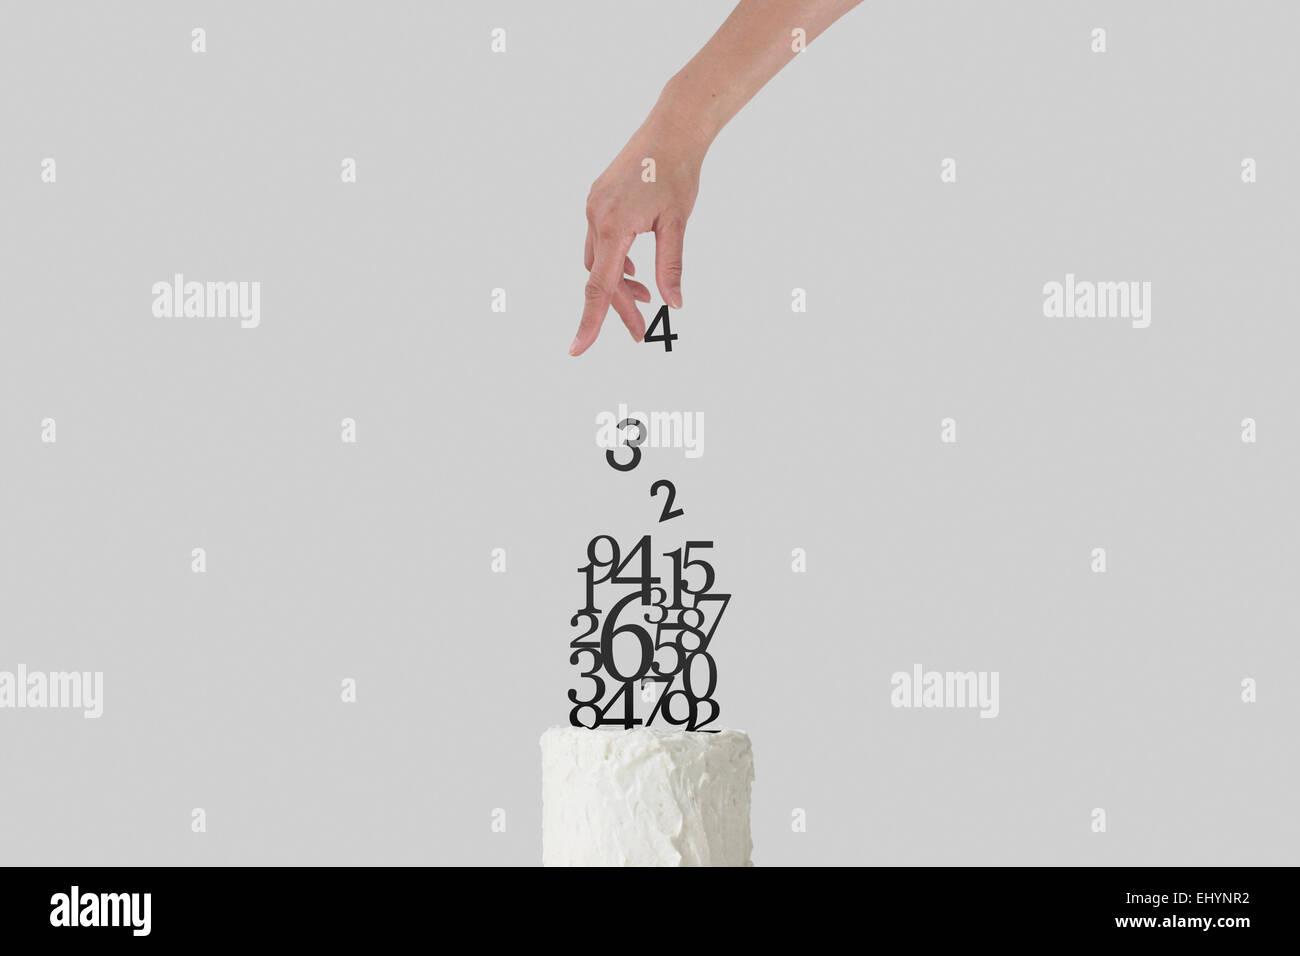 Una mano spruzzando un po' di numeri su un bianco torta di compleanno Immagini Stock